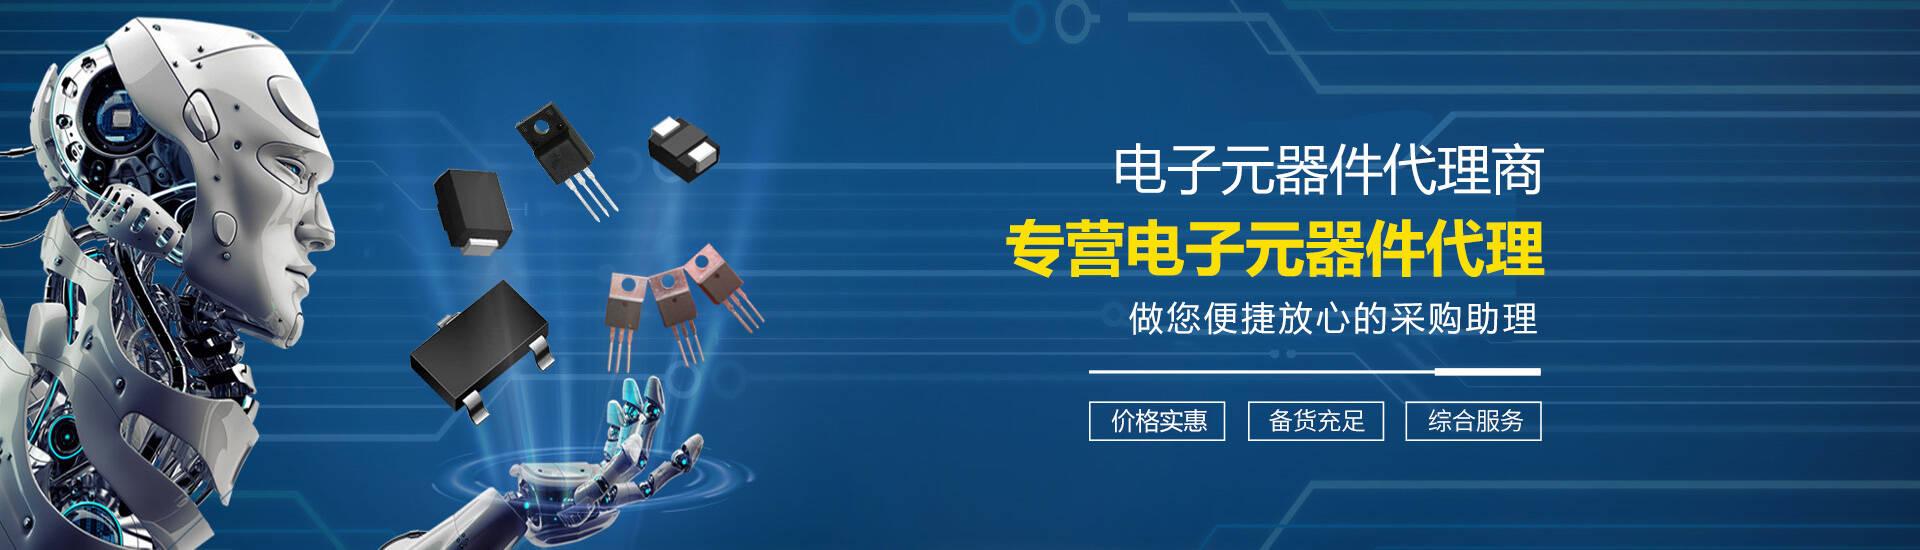 电子元器件一级代理商,电子元器件品牌代理商